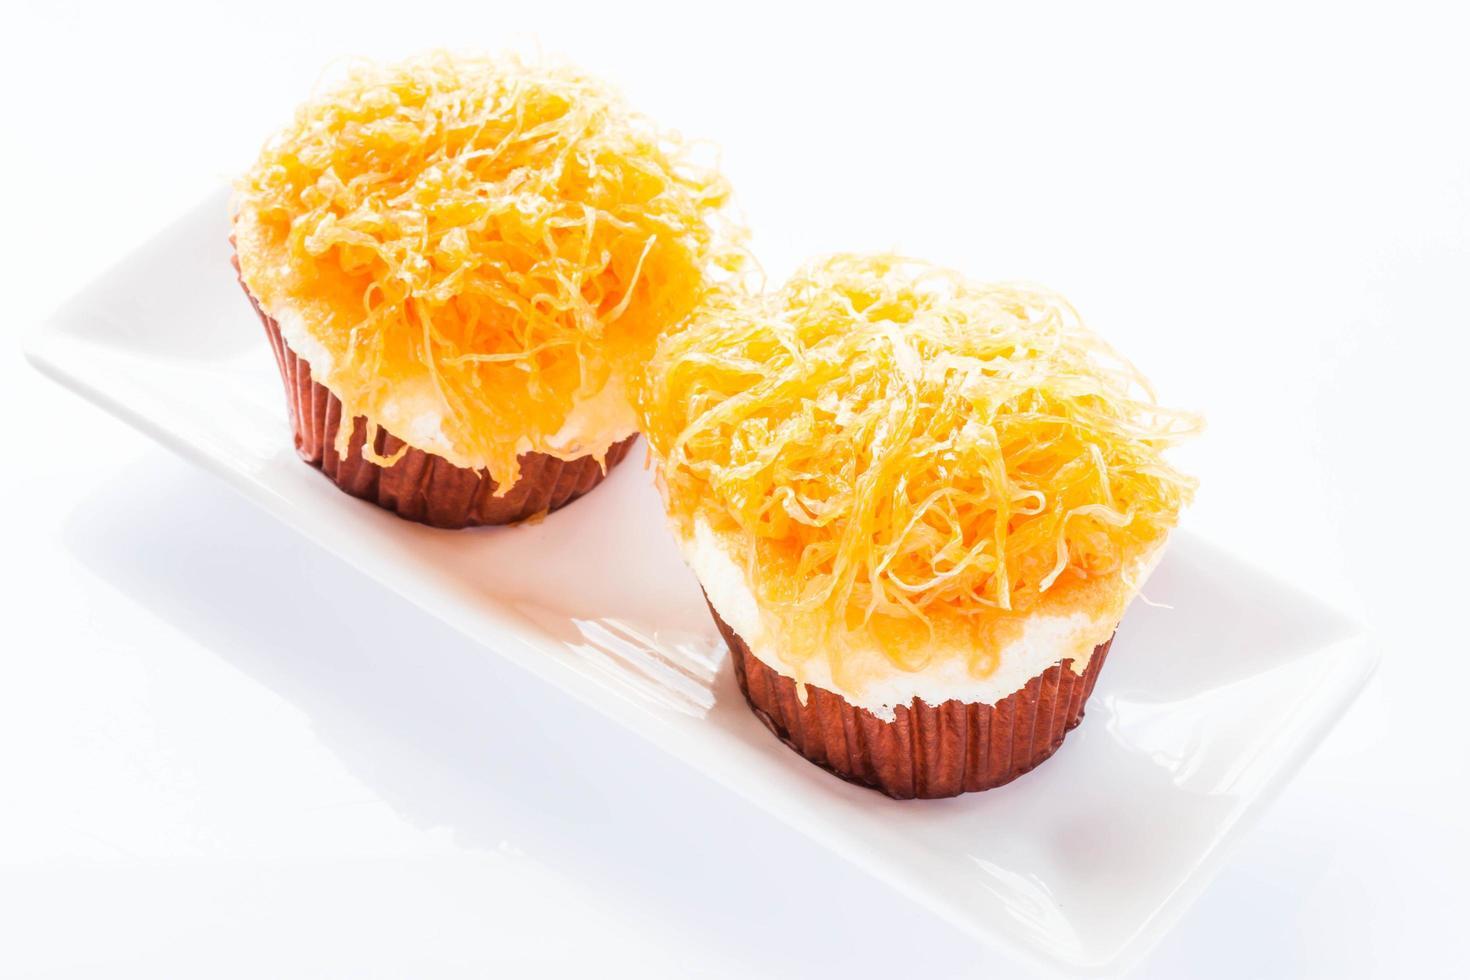 deux cupcakes sur une assiette photo